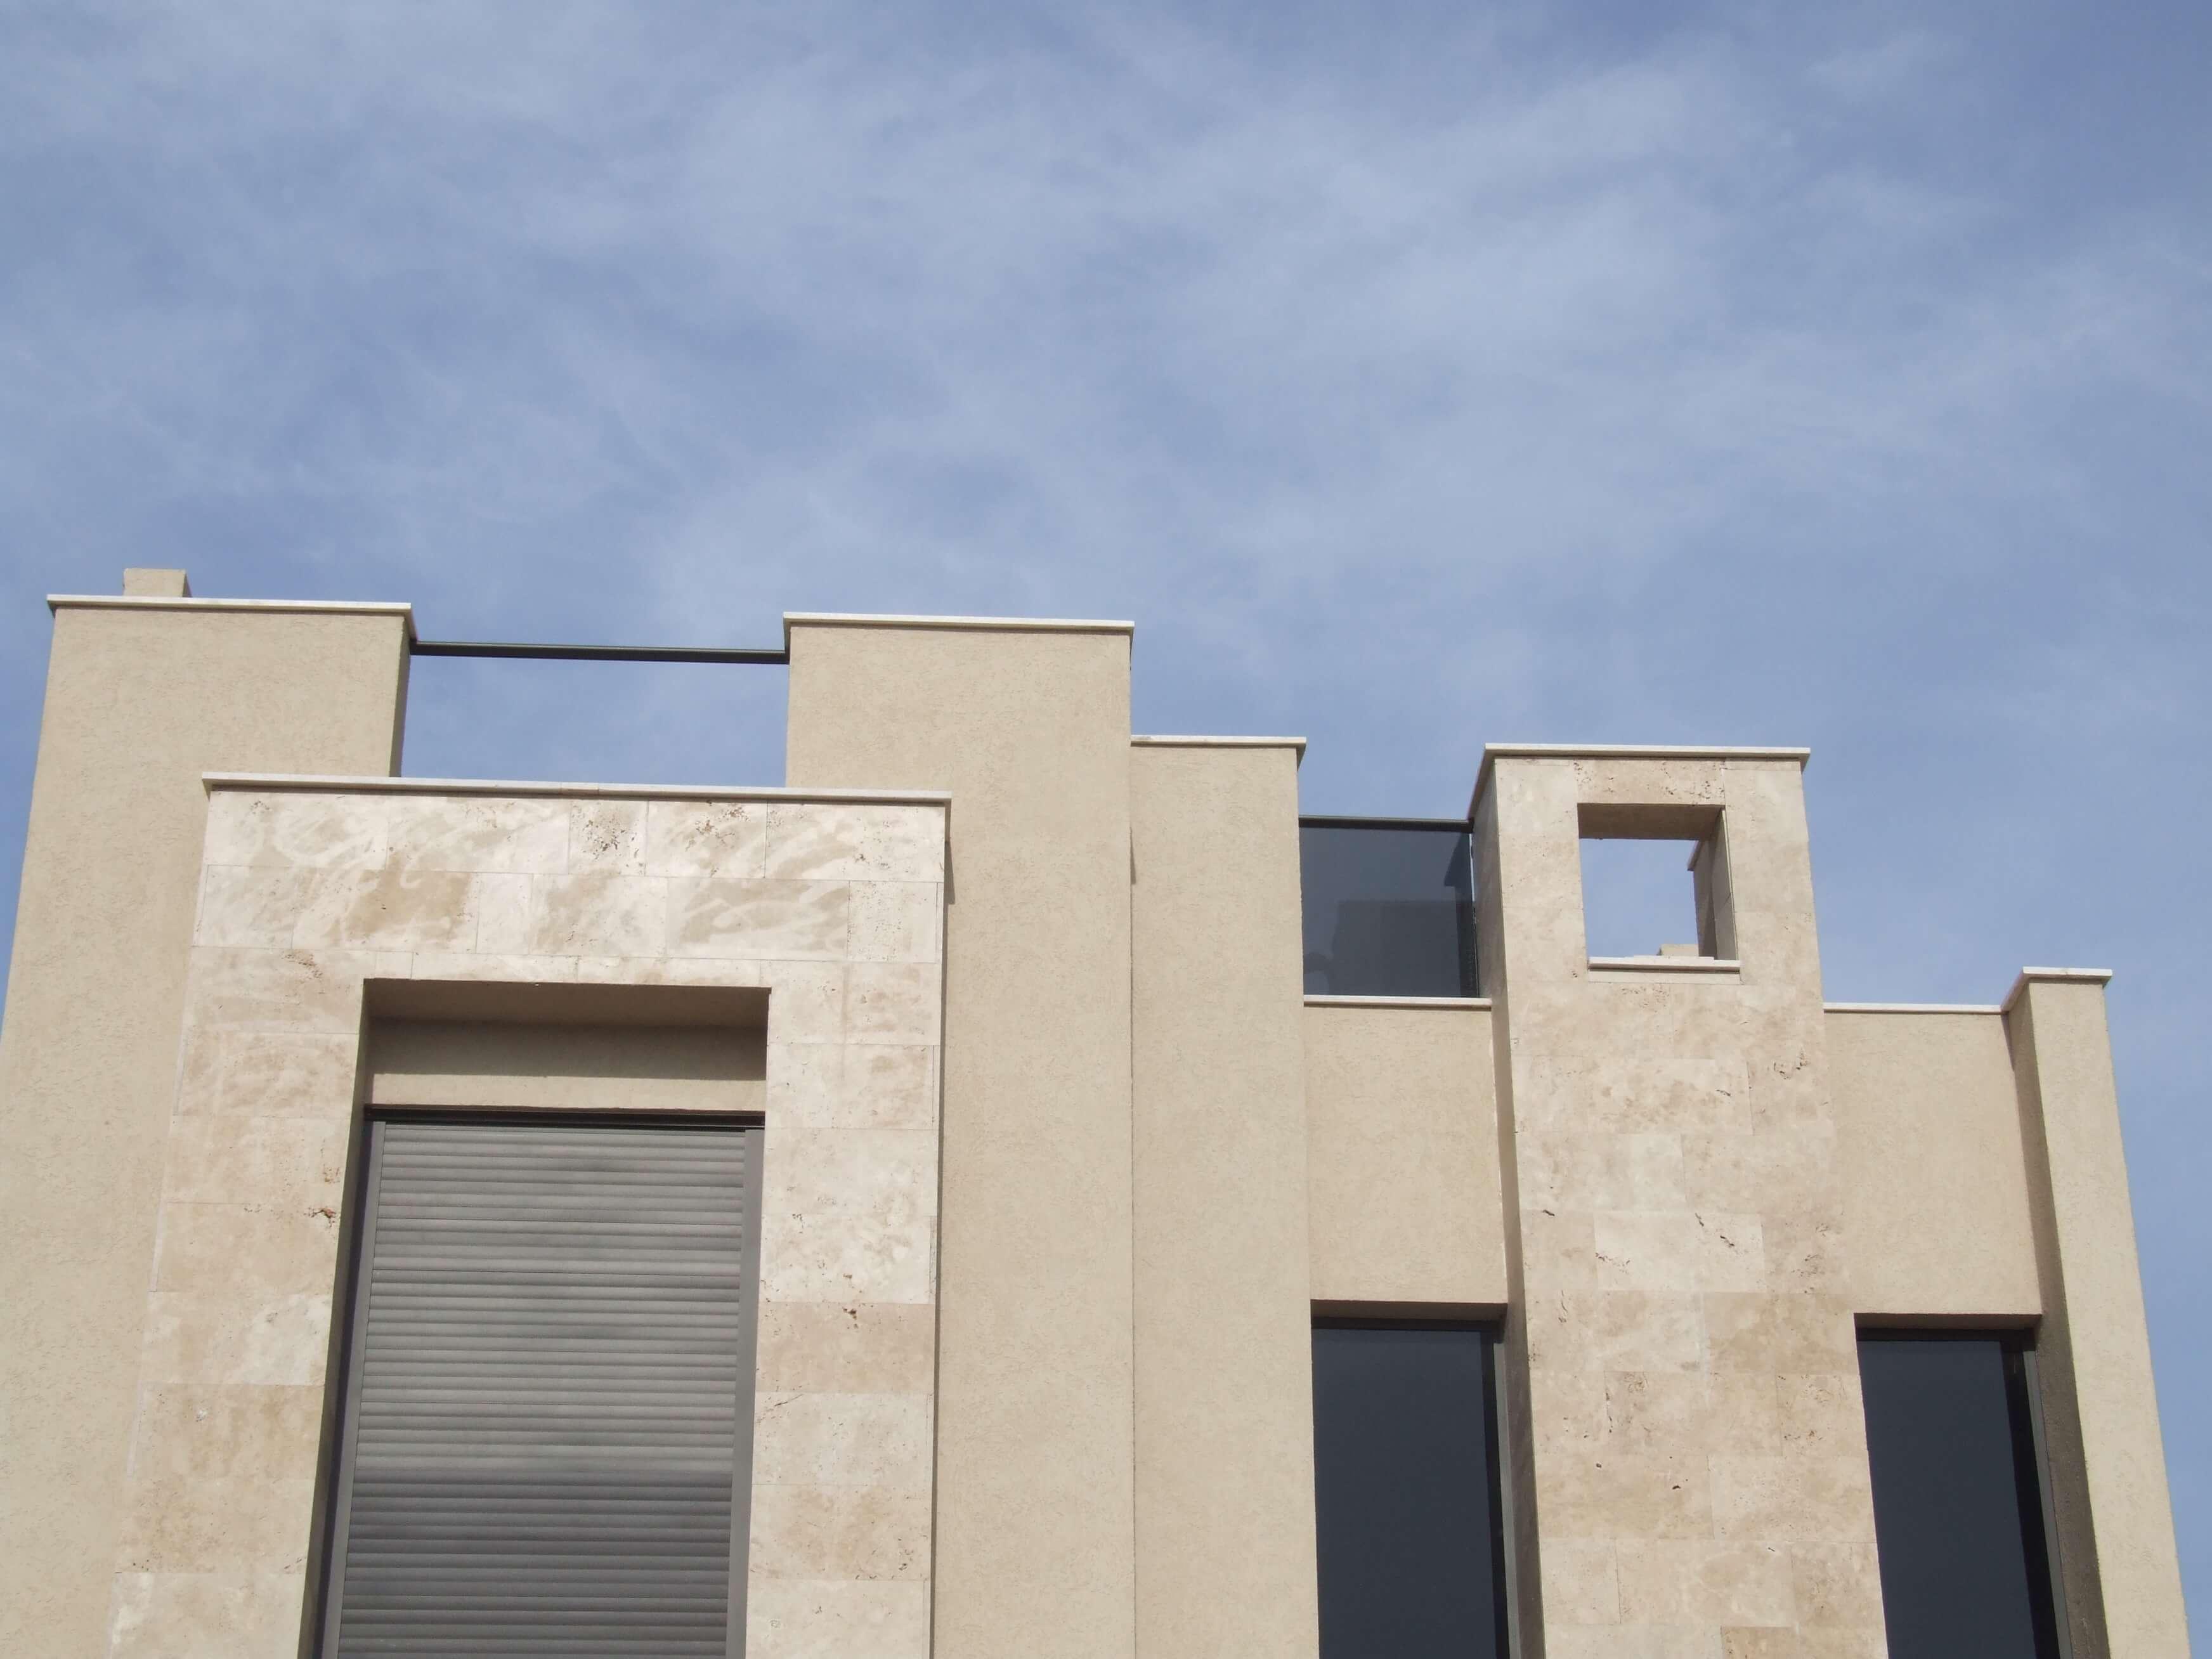 ליקויי בניה - שלד בניין - טרמינל בדק בית 3